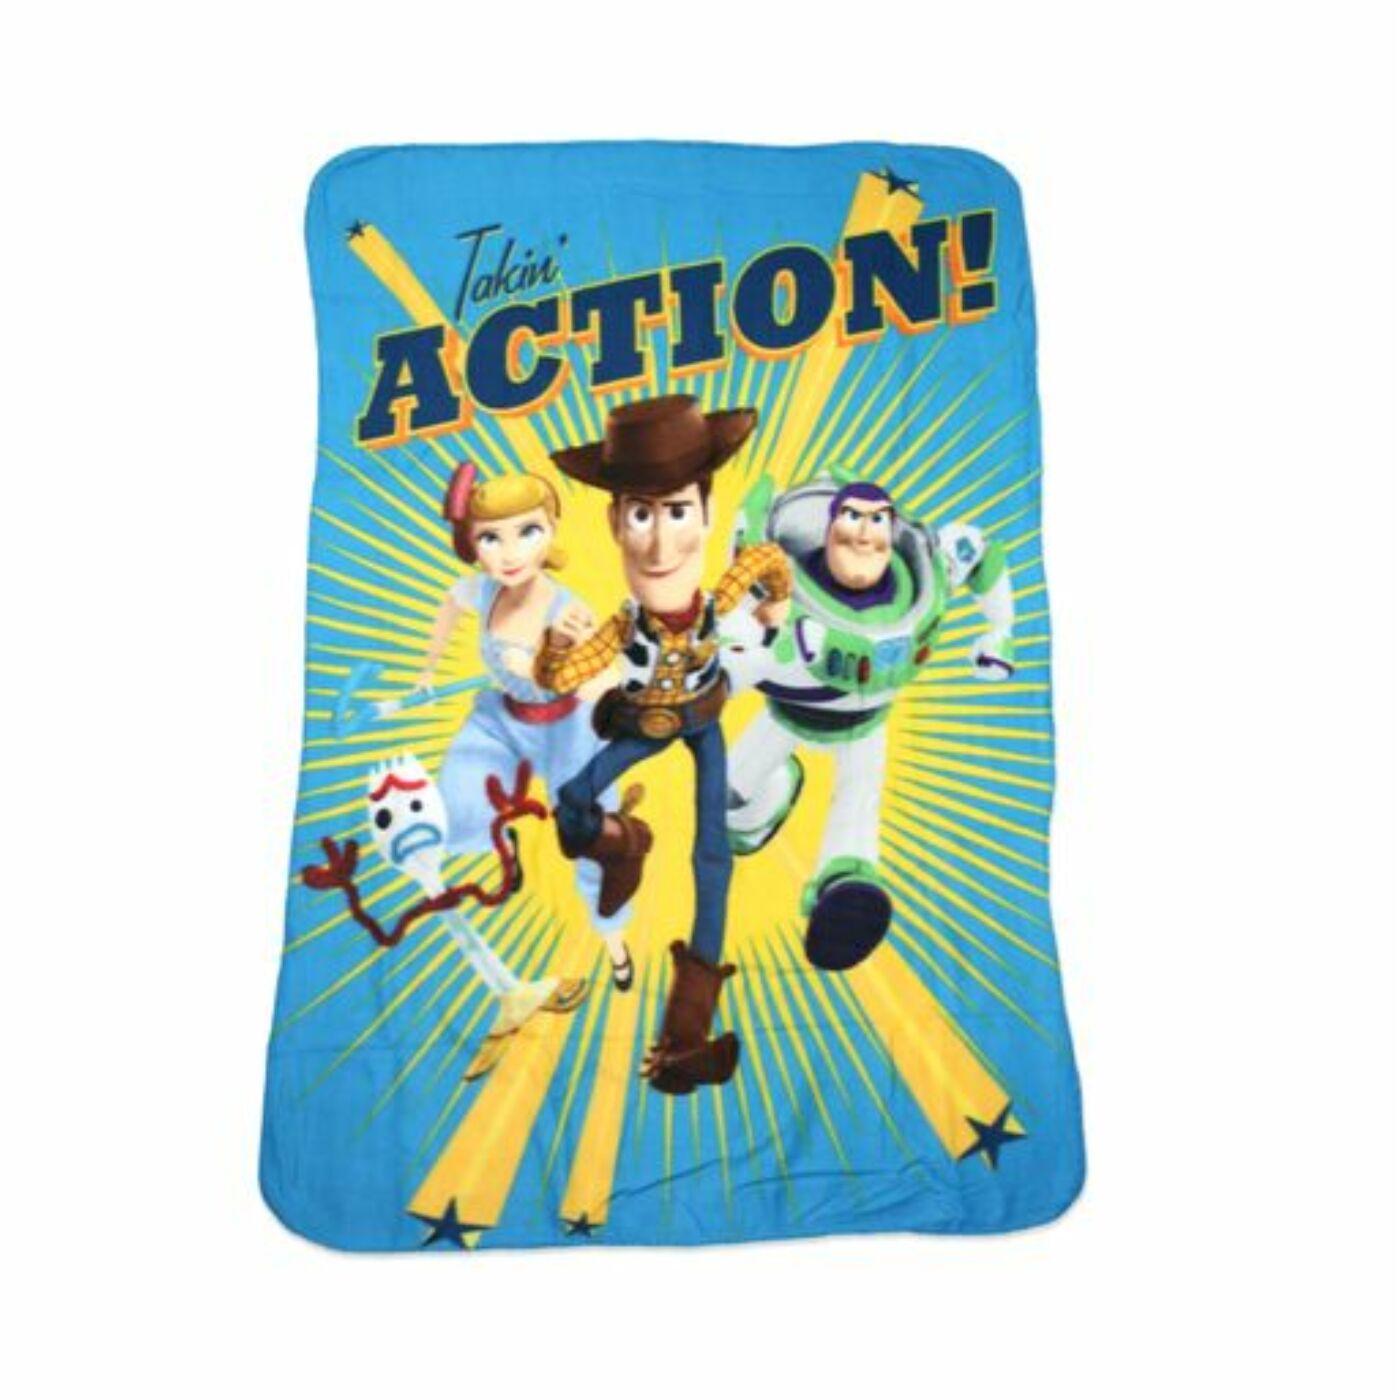 Toy Story kisfiú polár takaró - 100 x 150 cm - világoskék